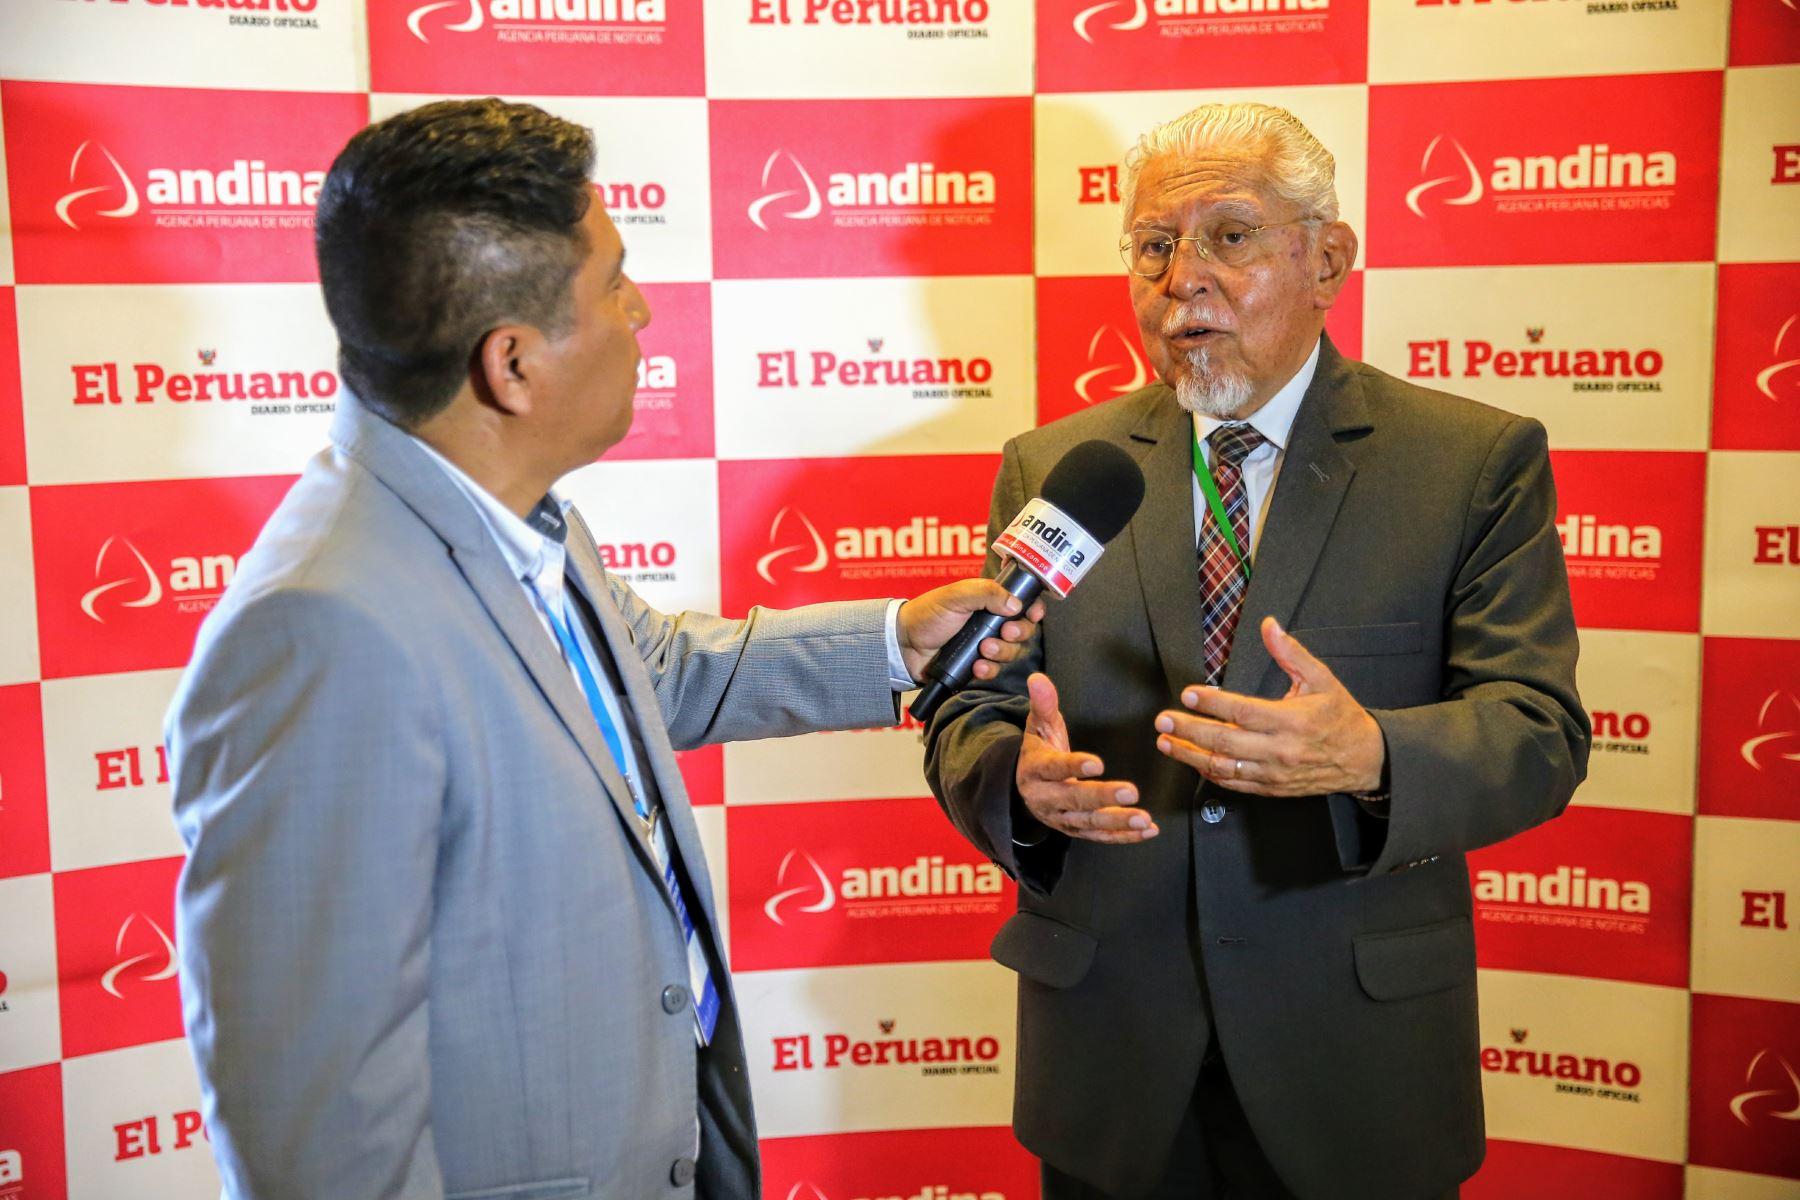 Ministro de Vivienda, Construcción y Saneamiento, Javier Piqué. ANDINA/Luis Iparraguirre